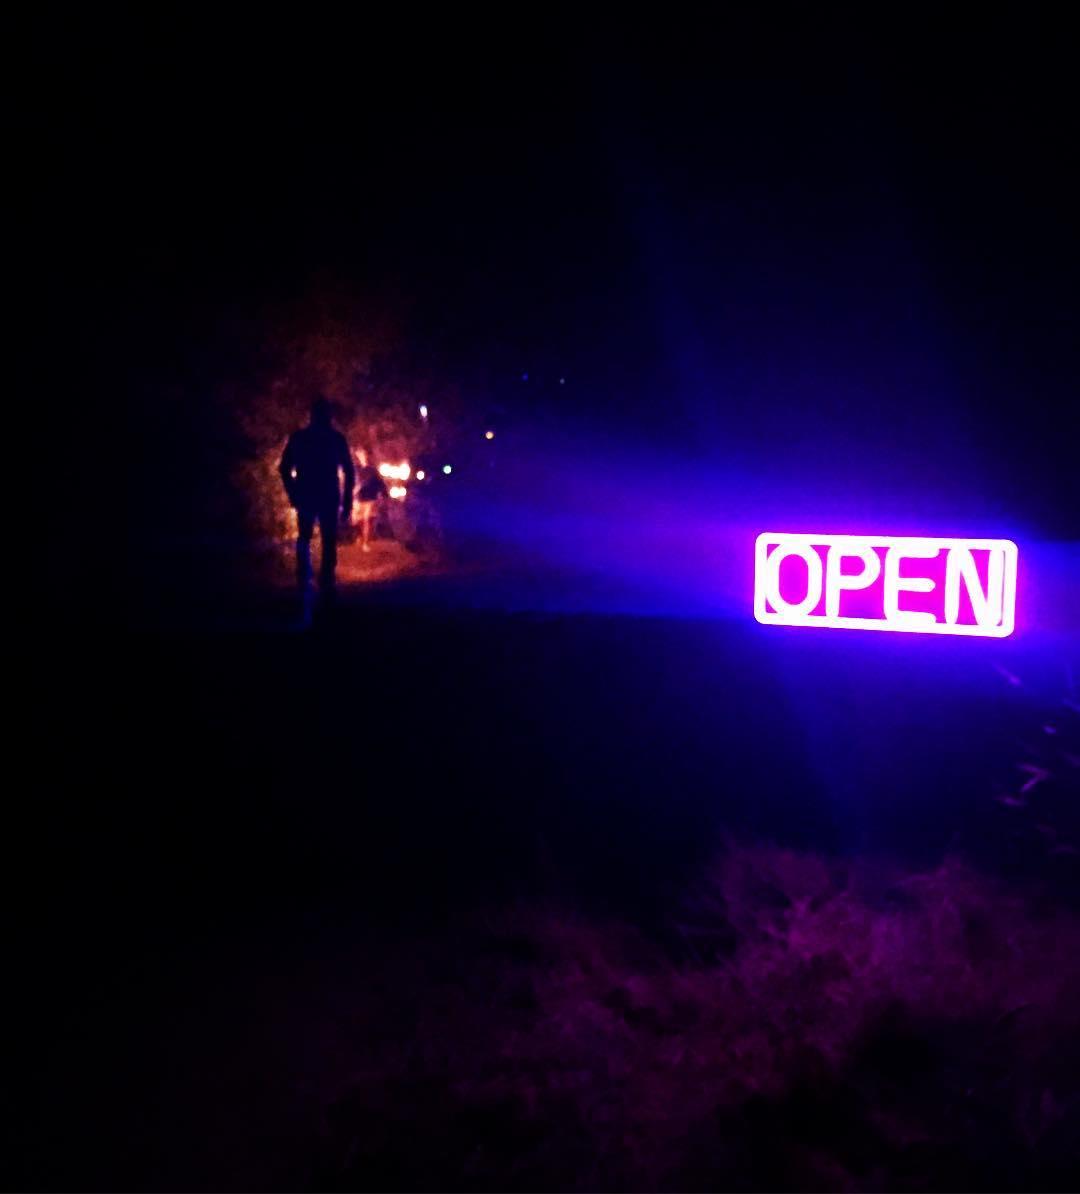 Bars' Open #whiskeywilldo #outposttrade #aboutlastnight #bodegabay